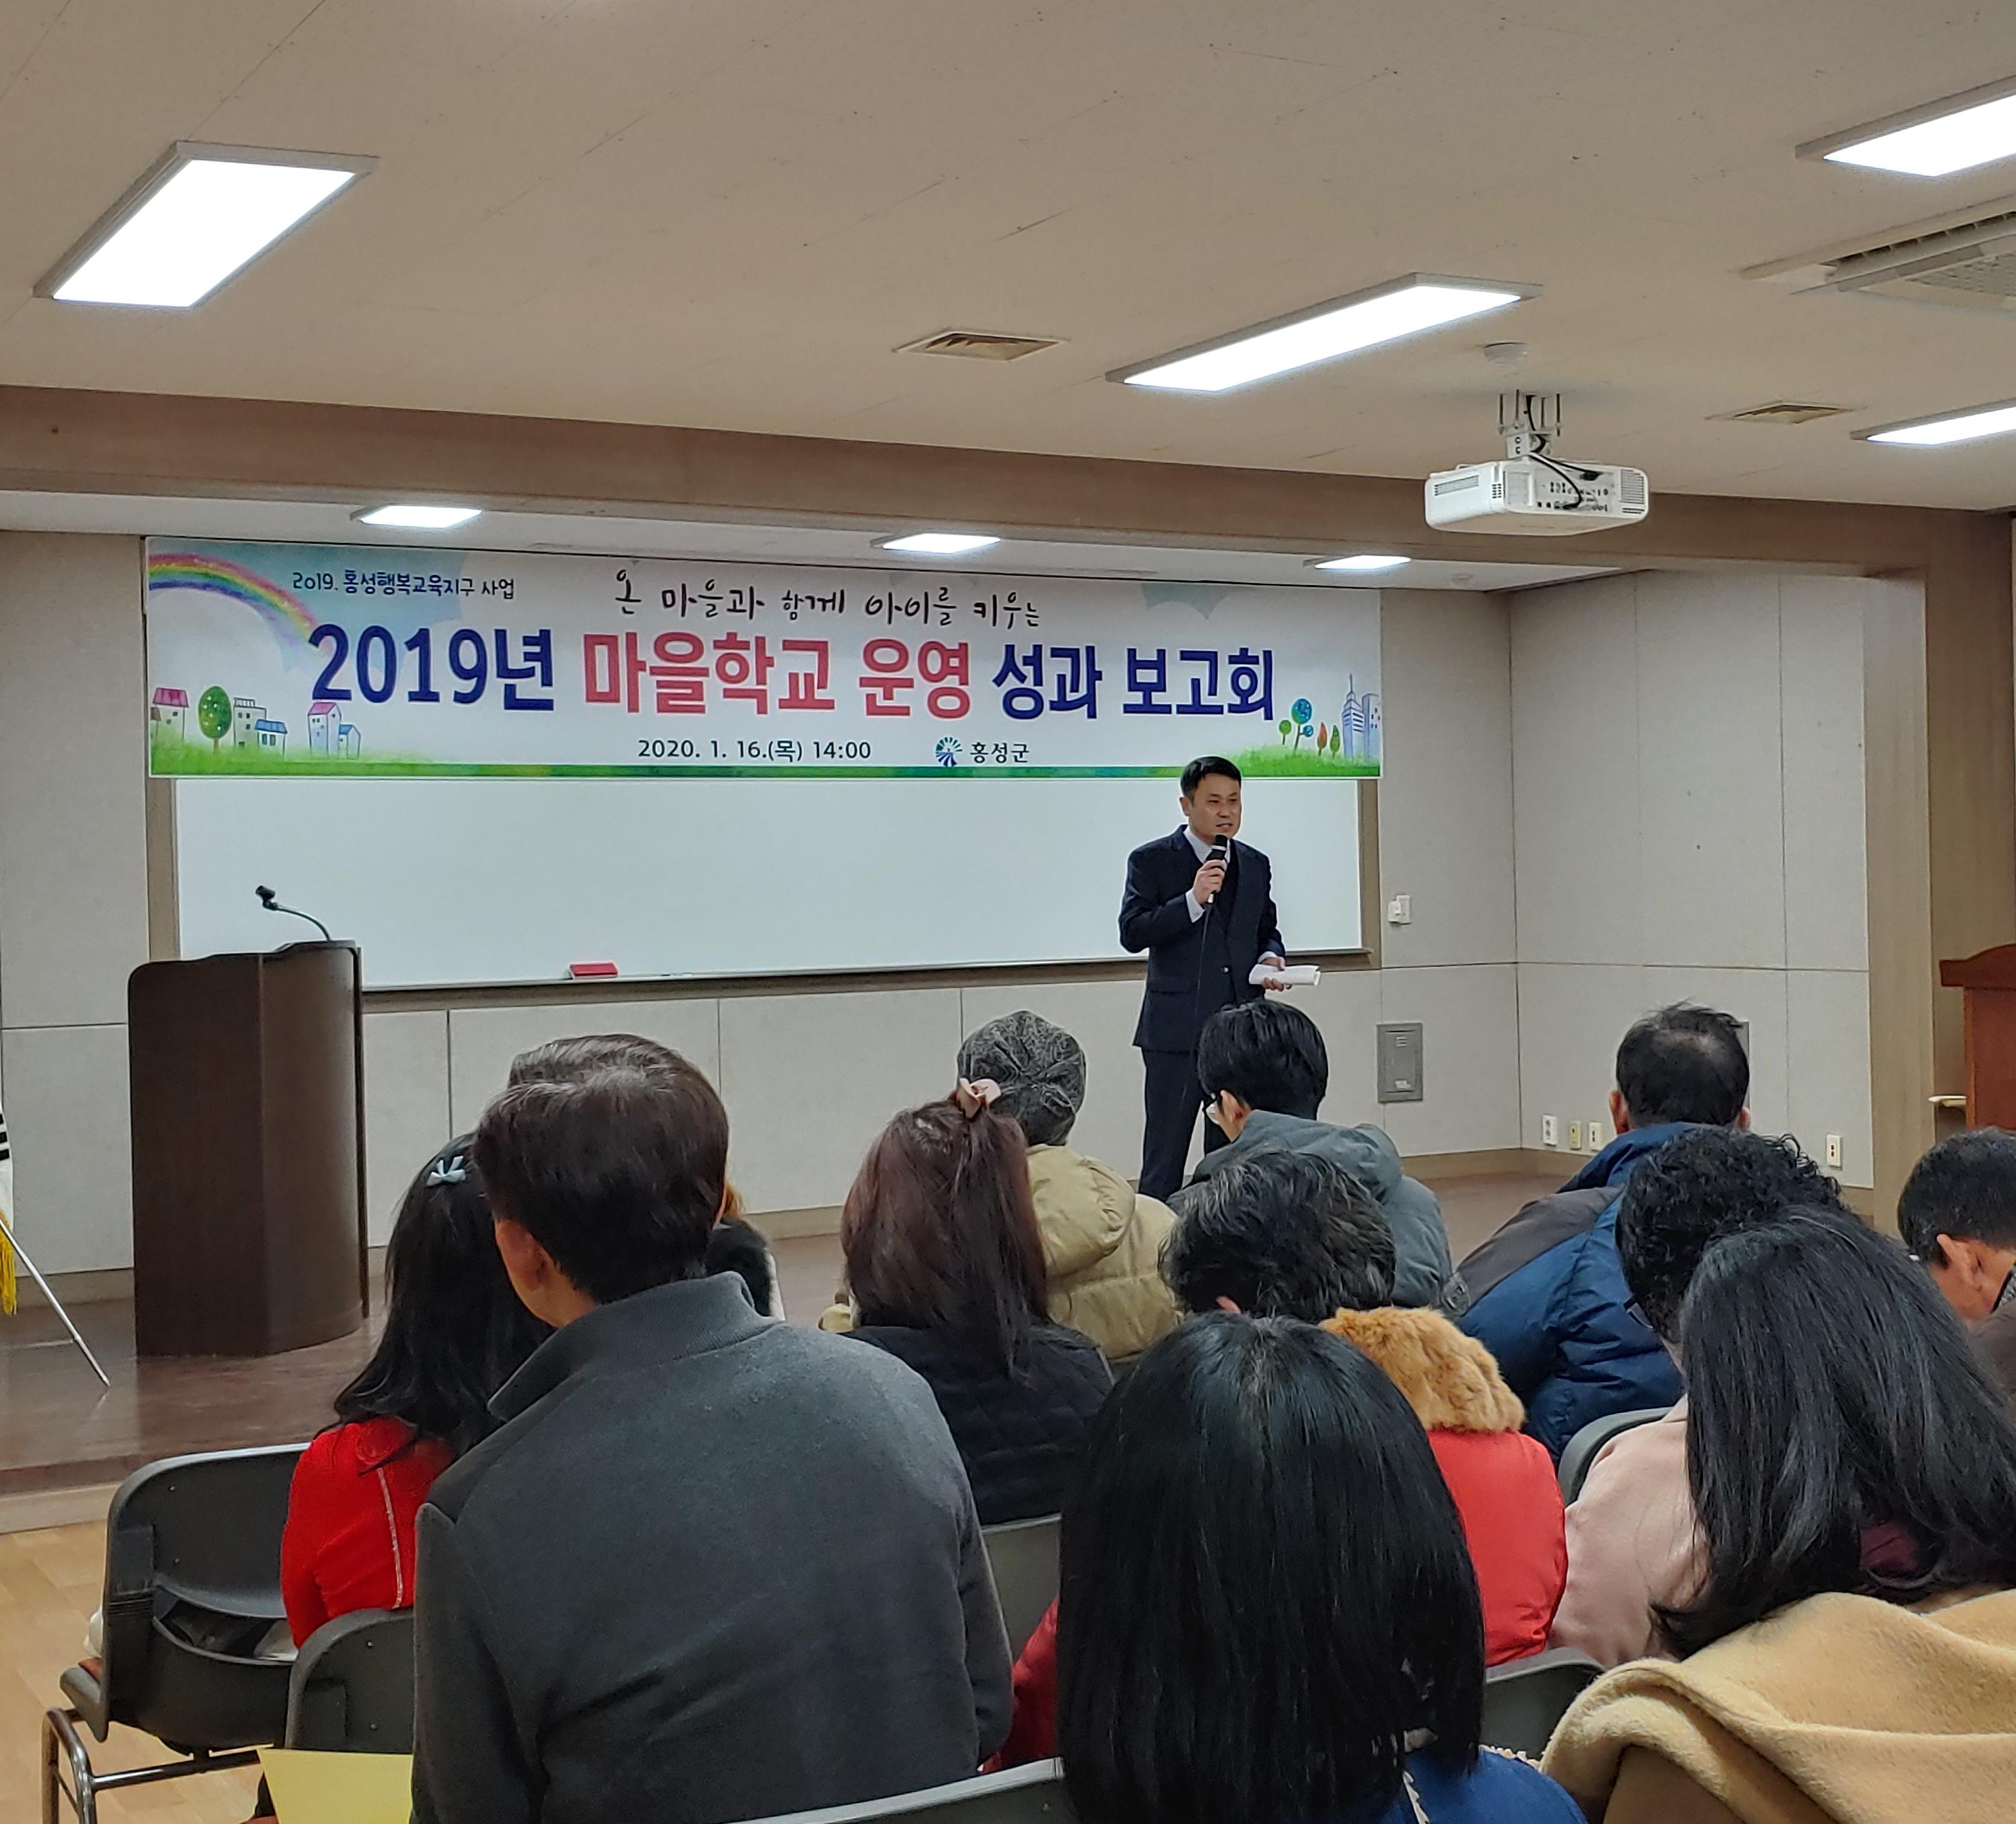 2019년 마을학교 운영성과 보고회 개최